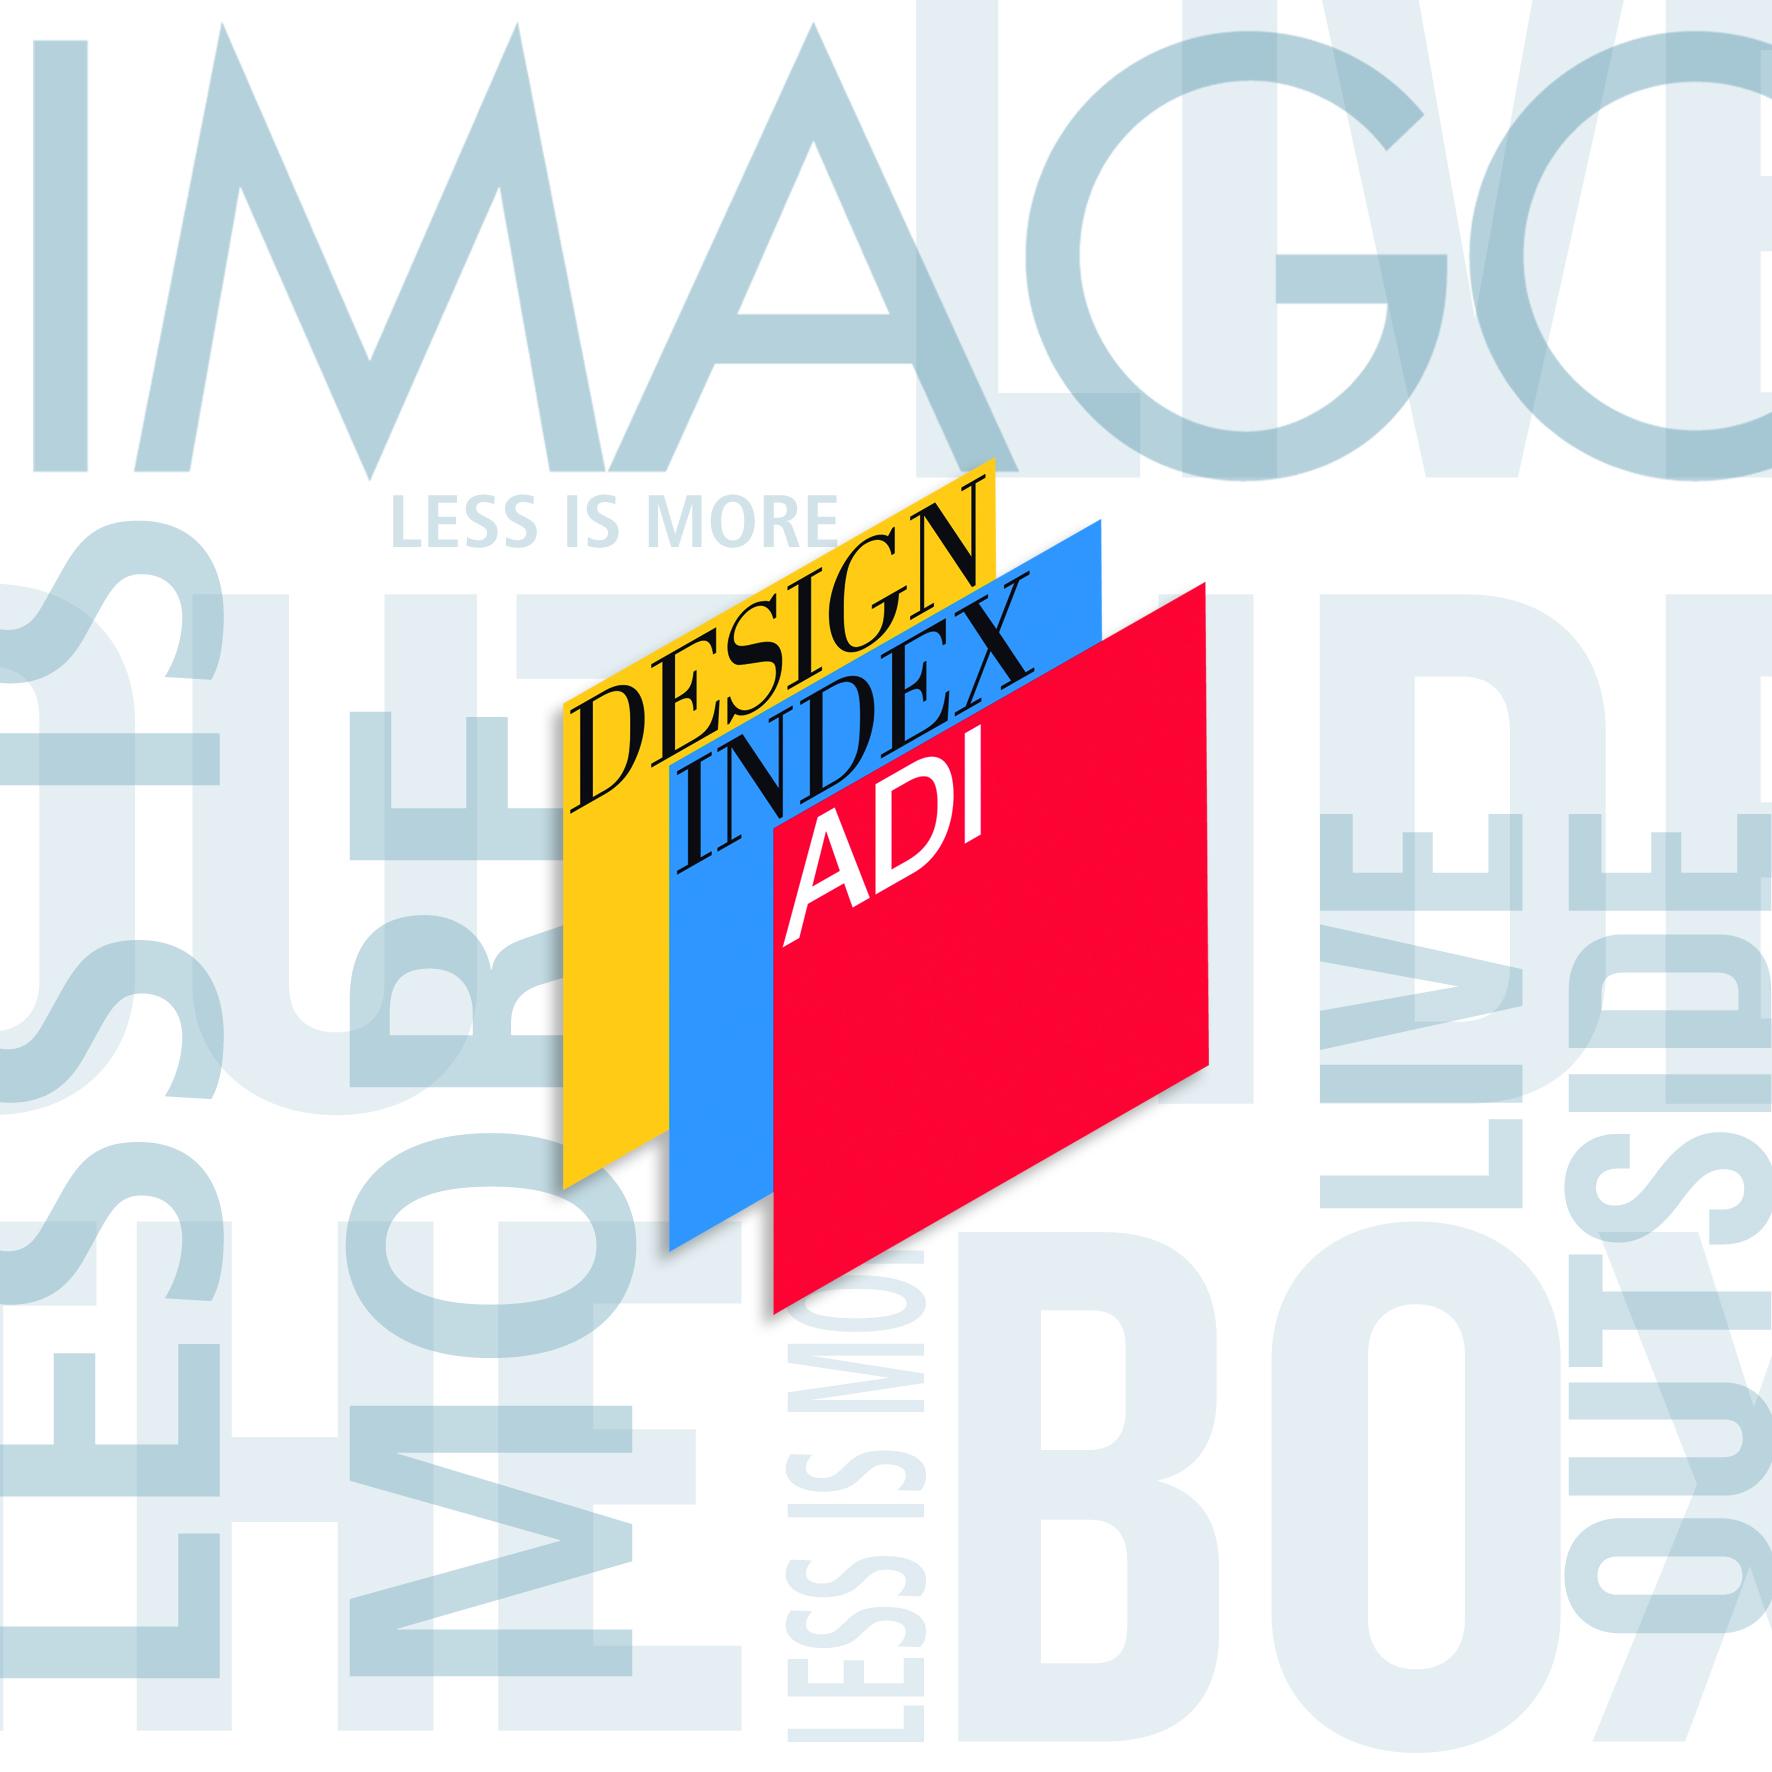 Imago di agb primo alzante scorrevole selezionato per l for Imago design